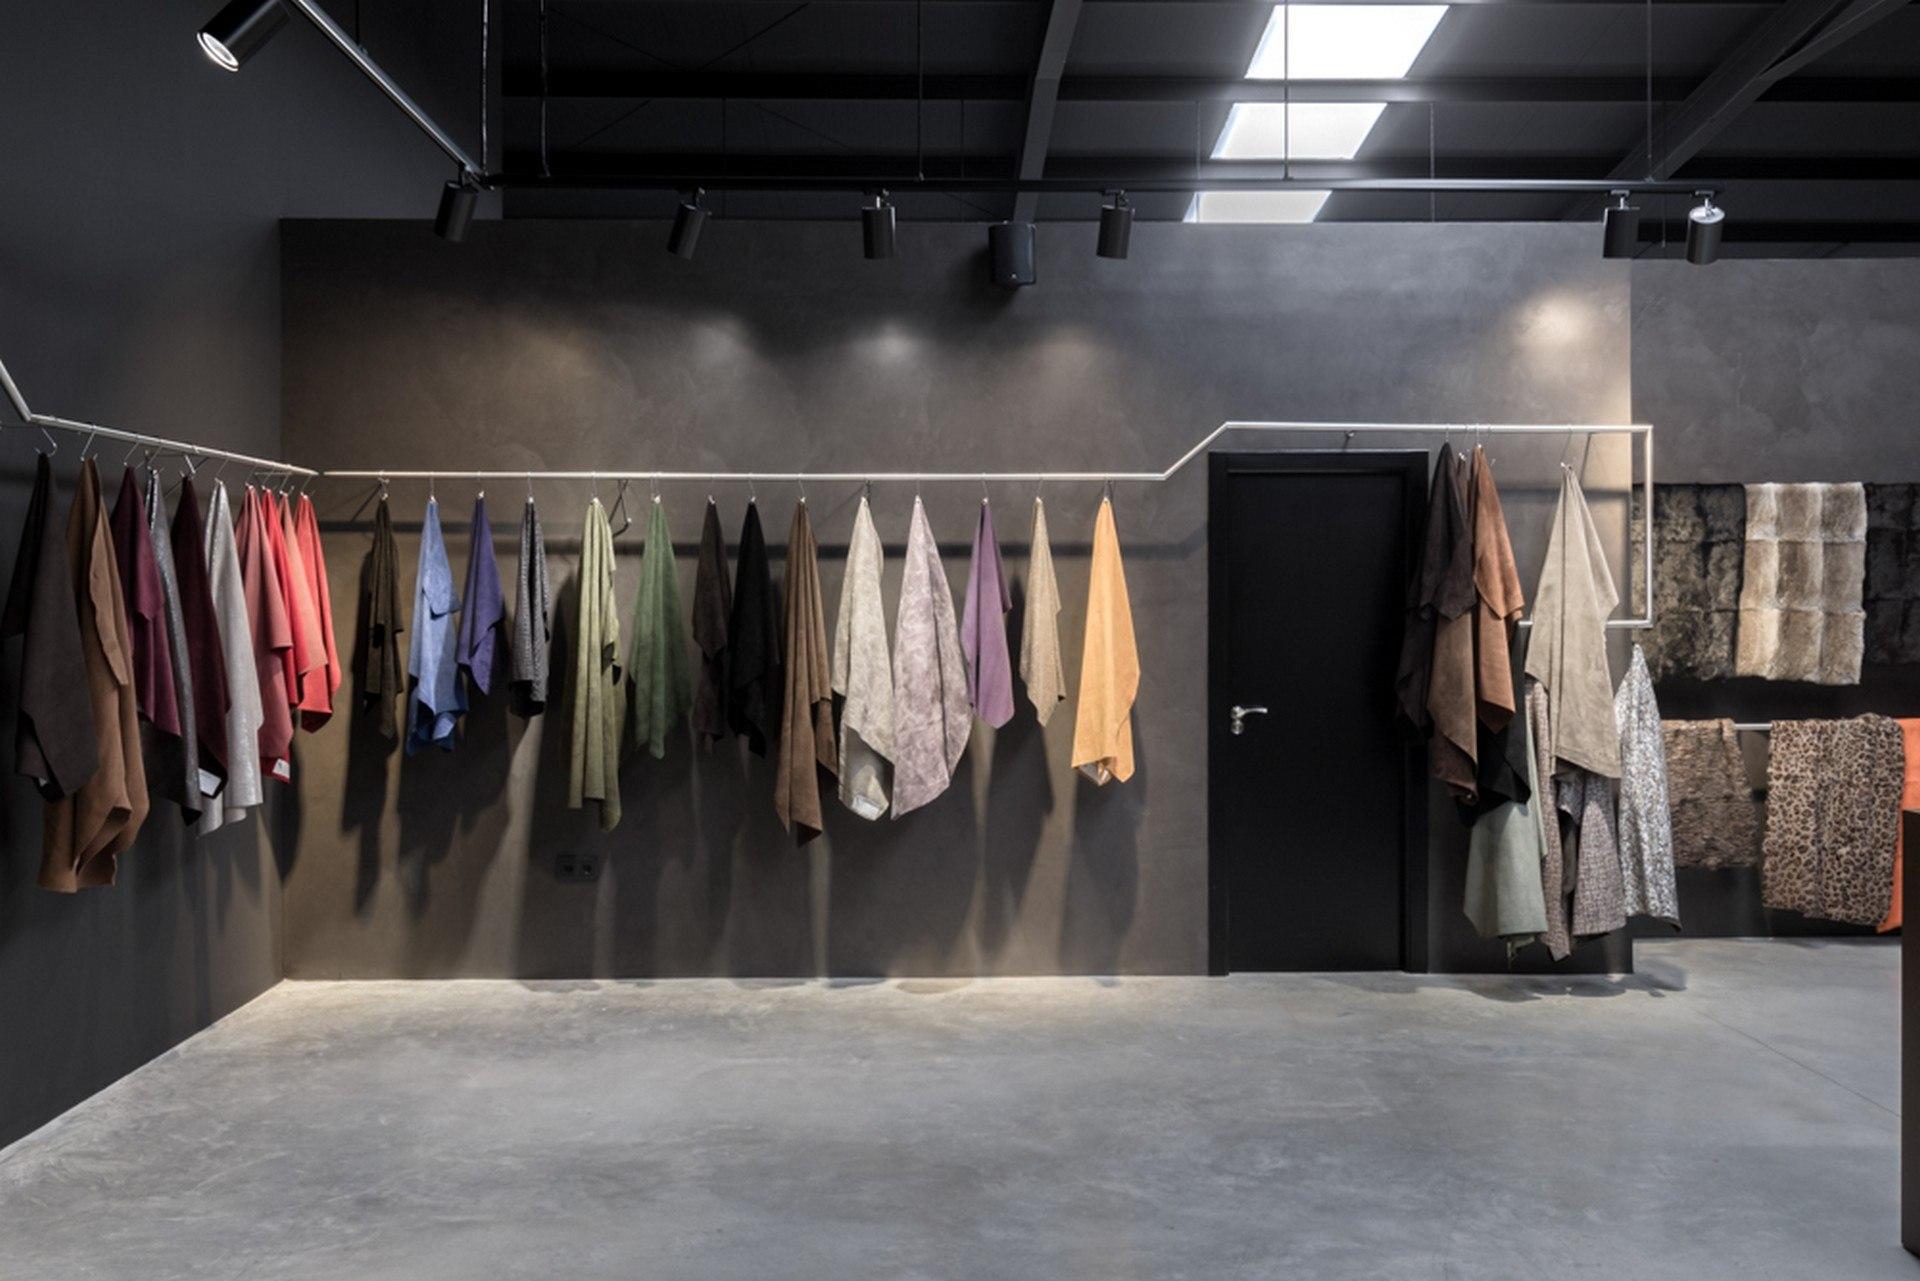 Microcemento en columnas y paredes de comercios de ropa